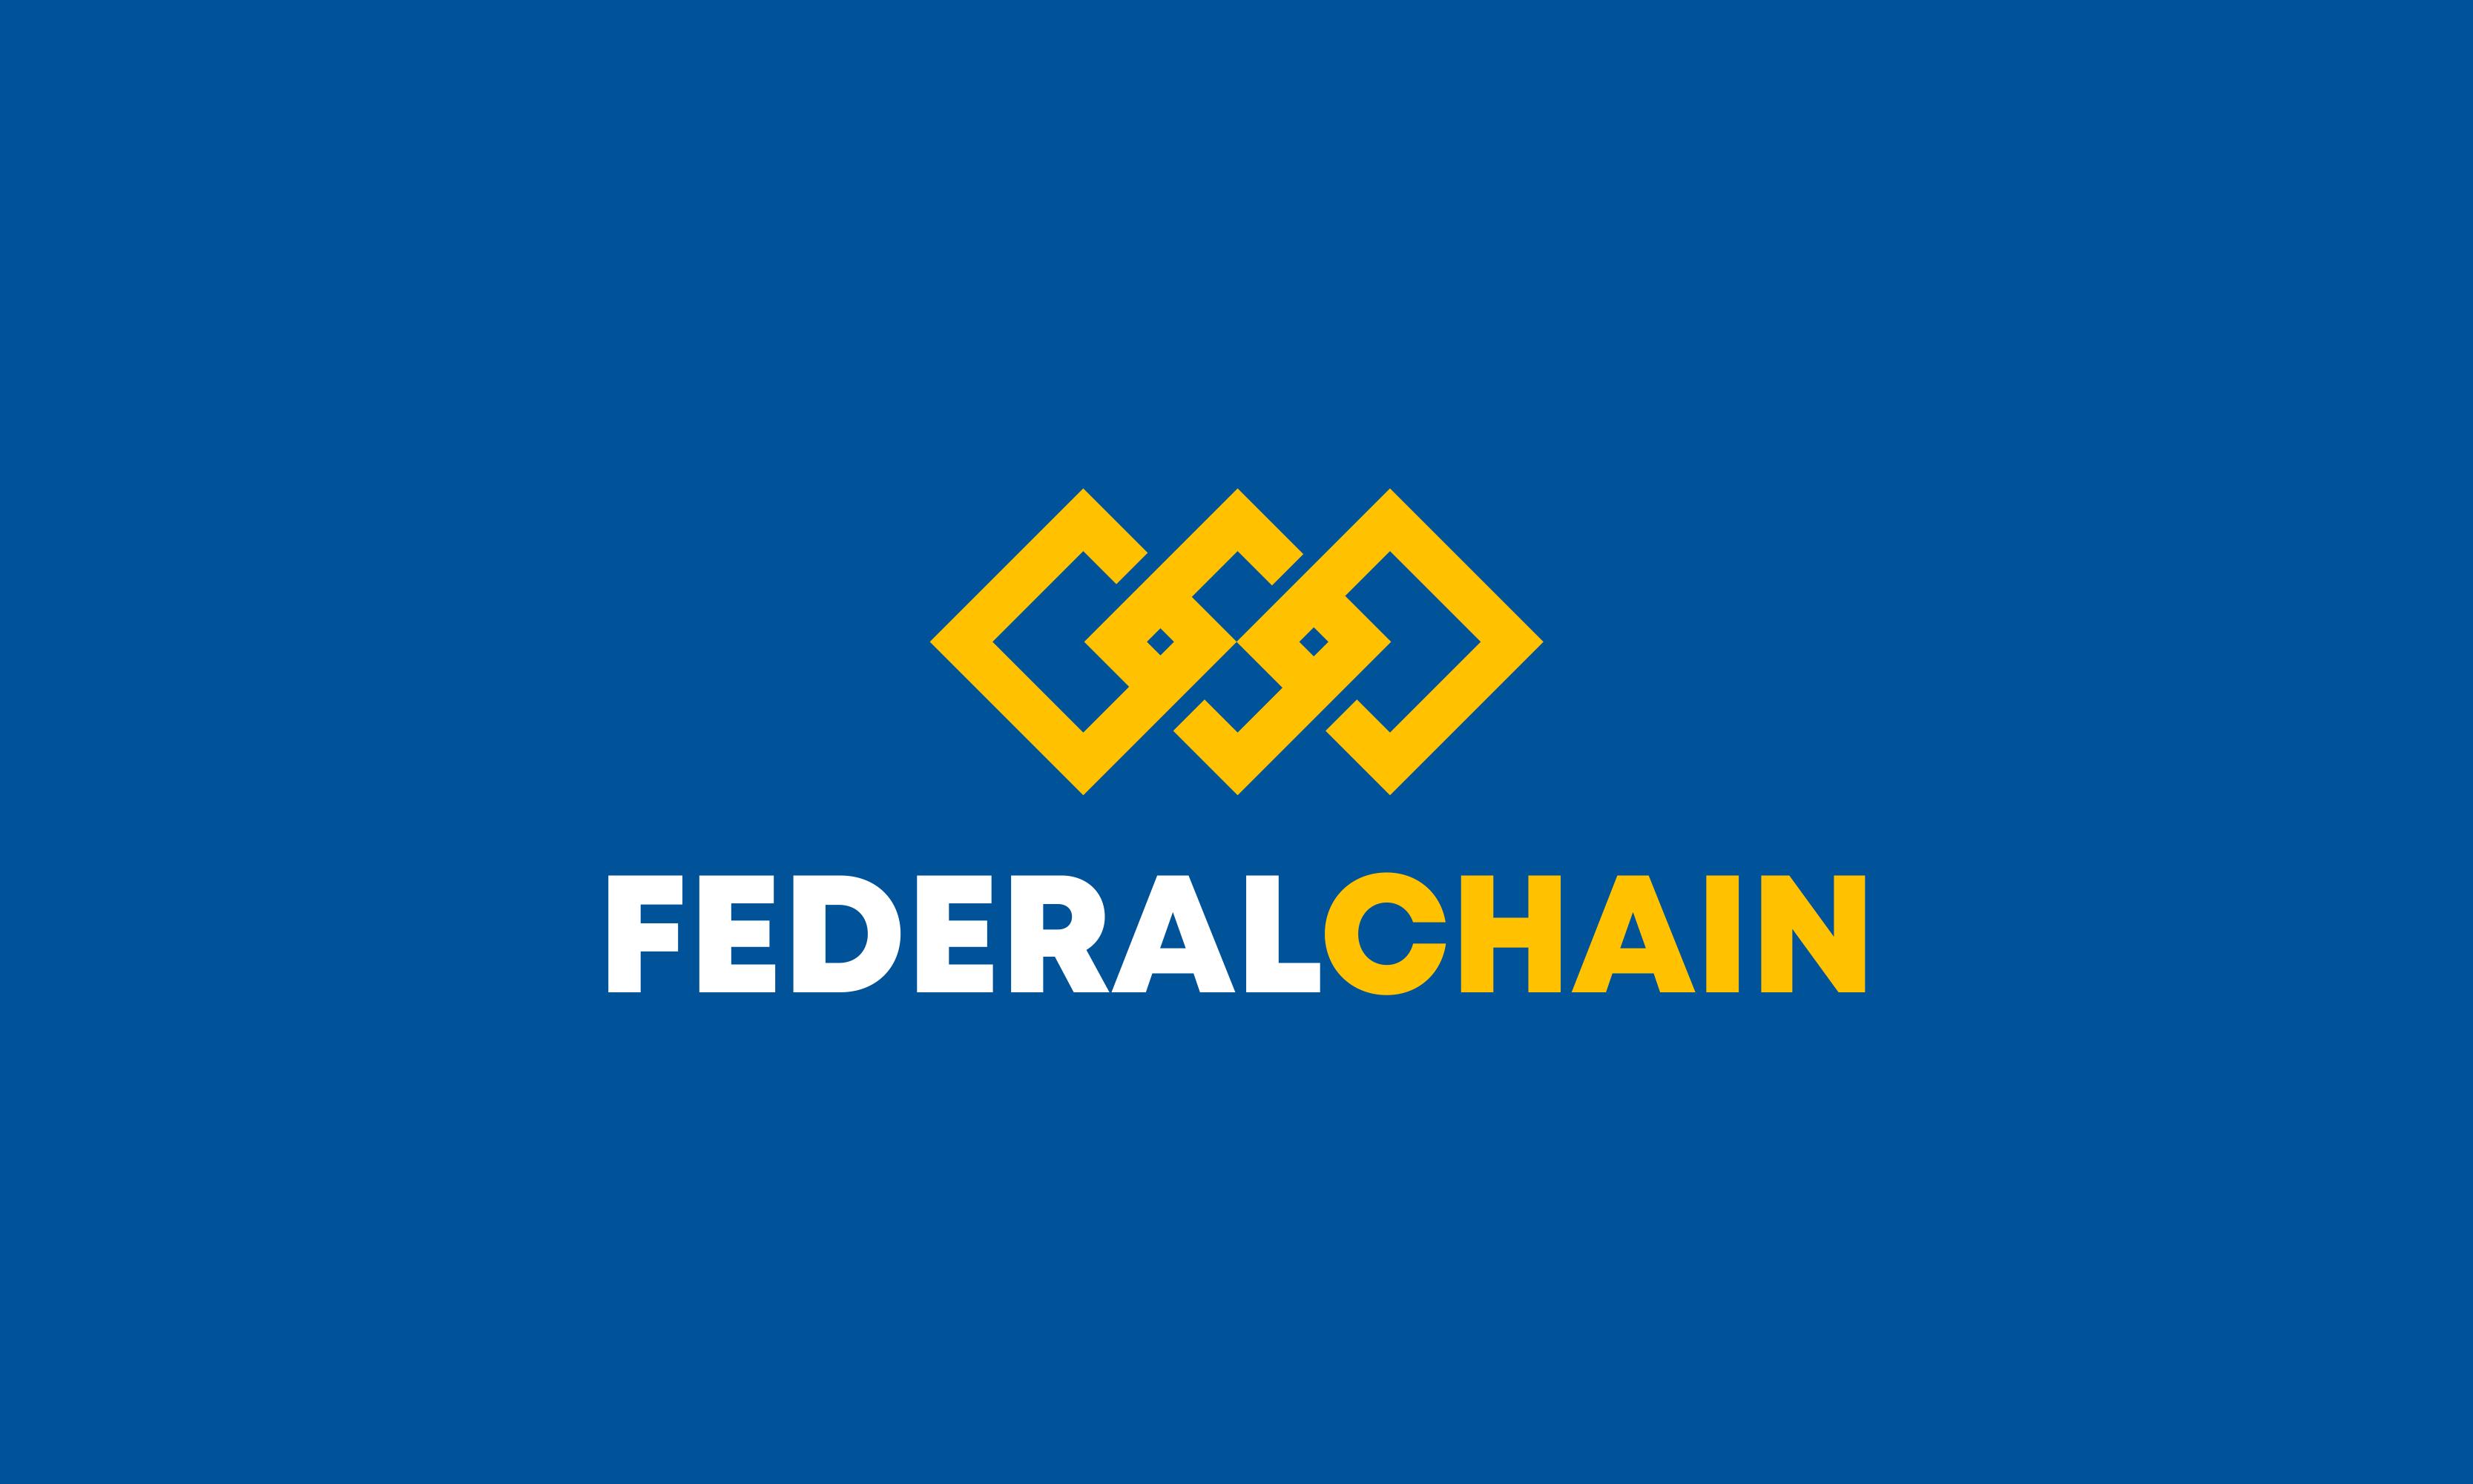 Federalchain